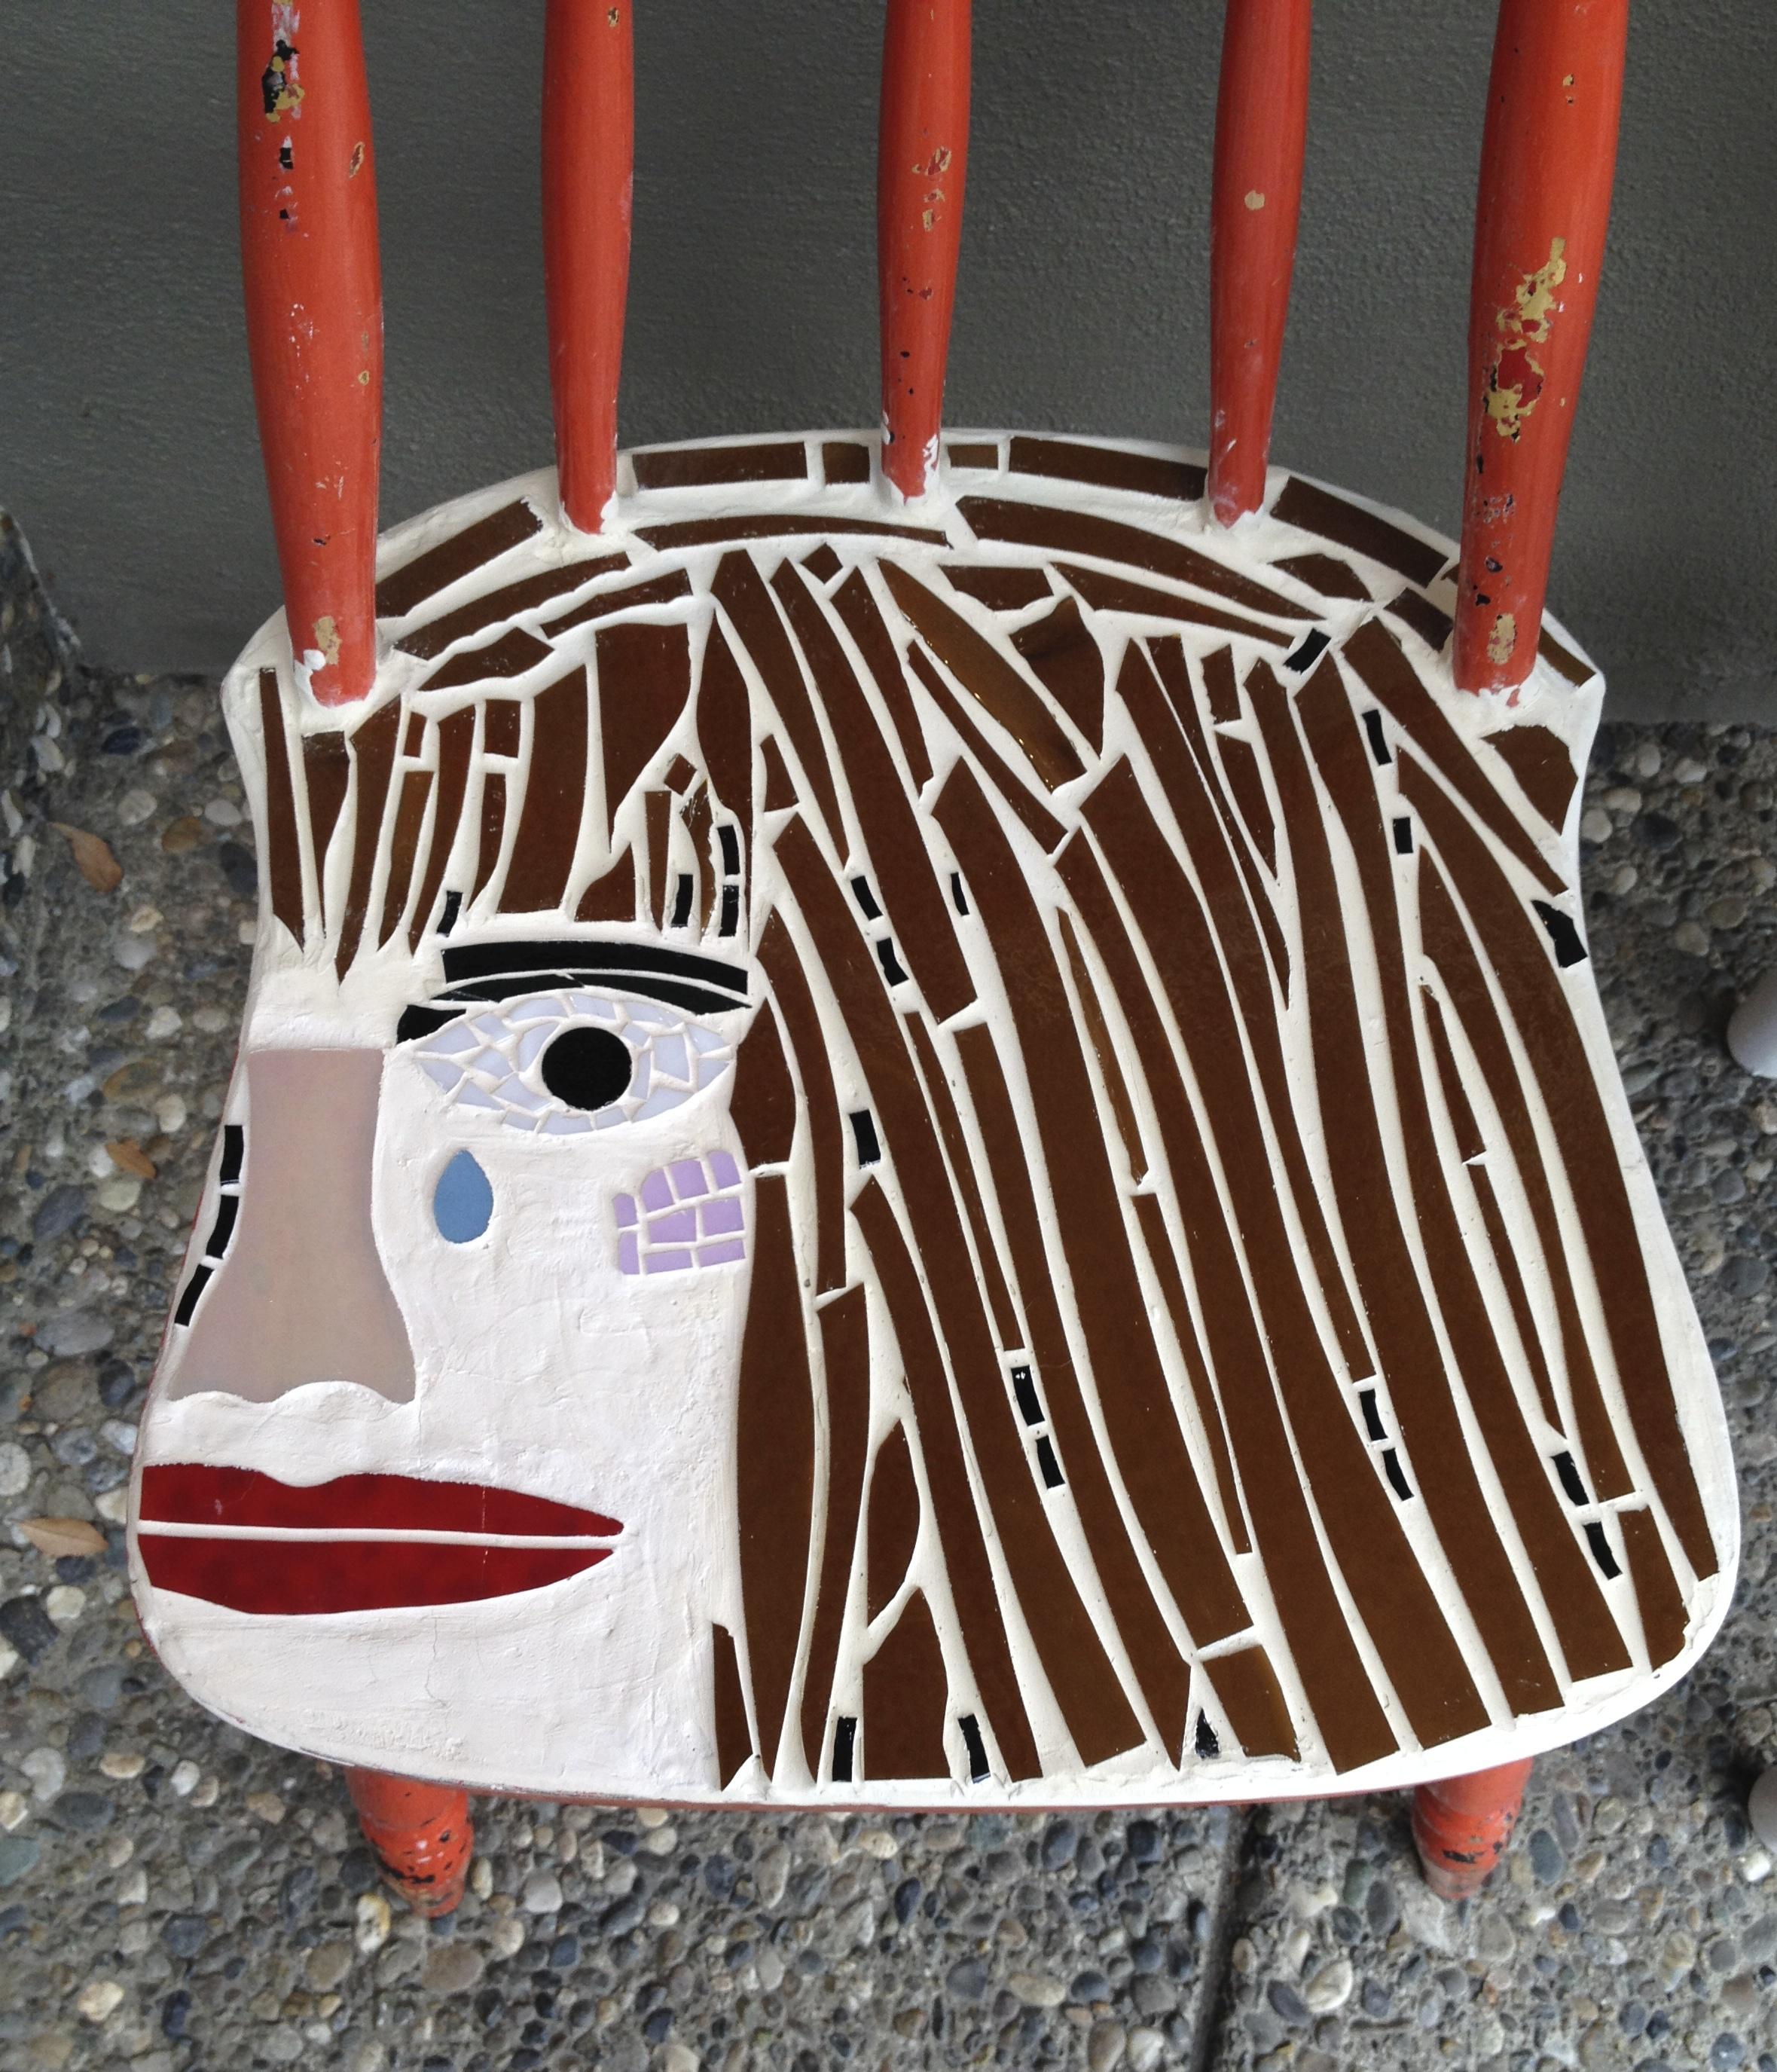 Chair # 72 Crystal Ouzillou